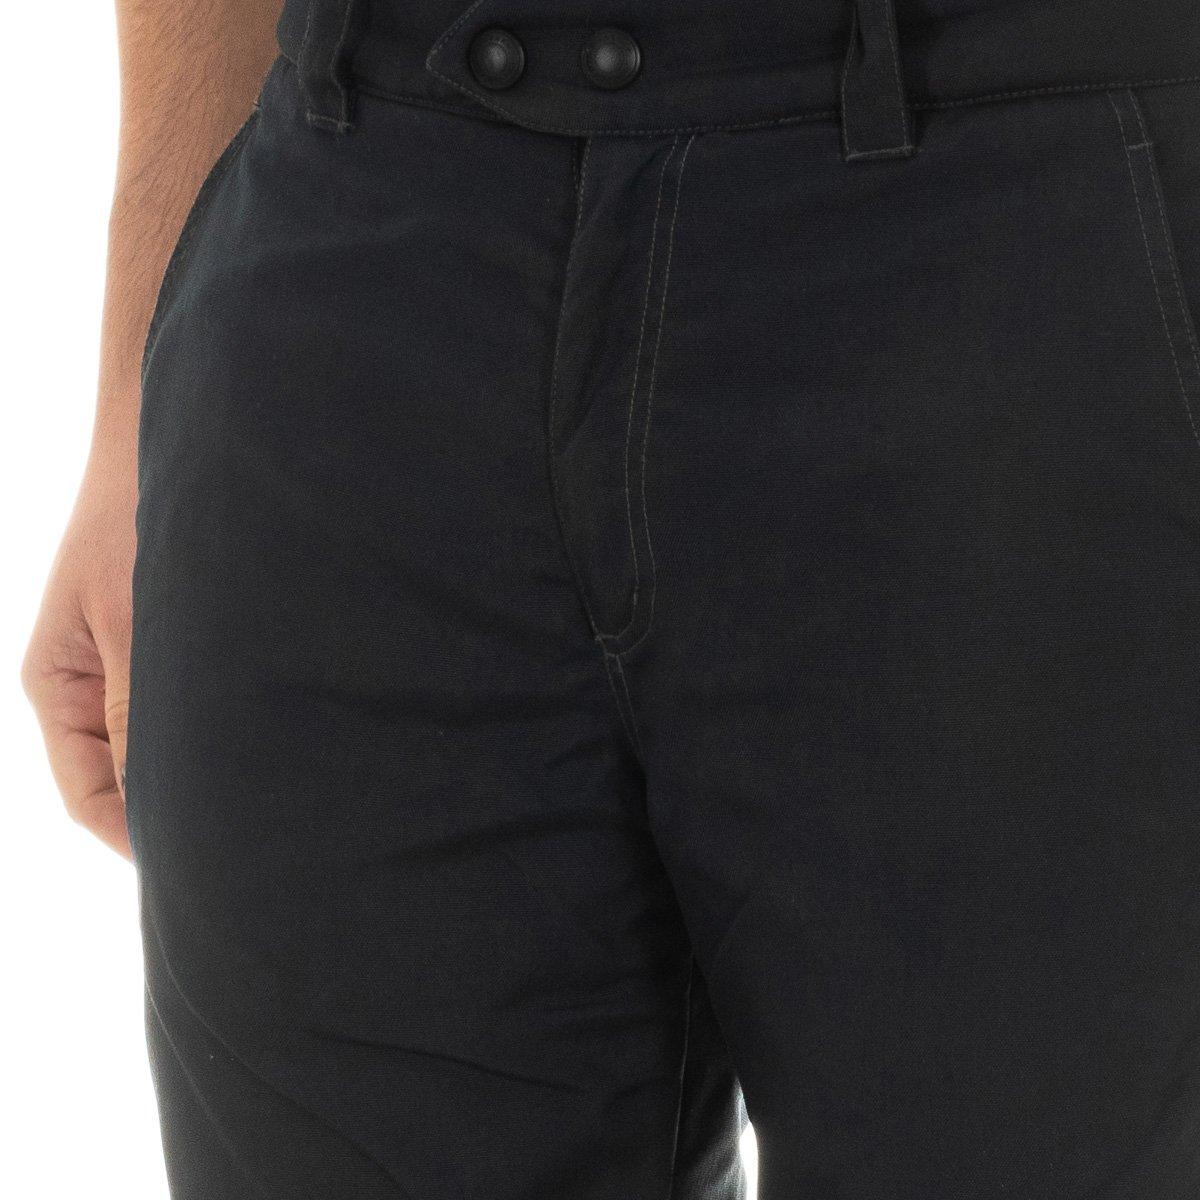 Pantalón Snaefell - marino oscuro